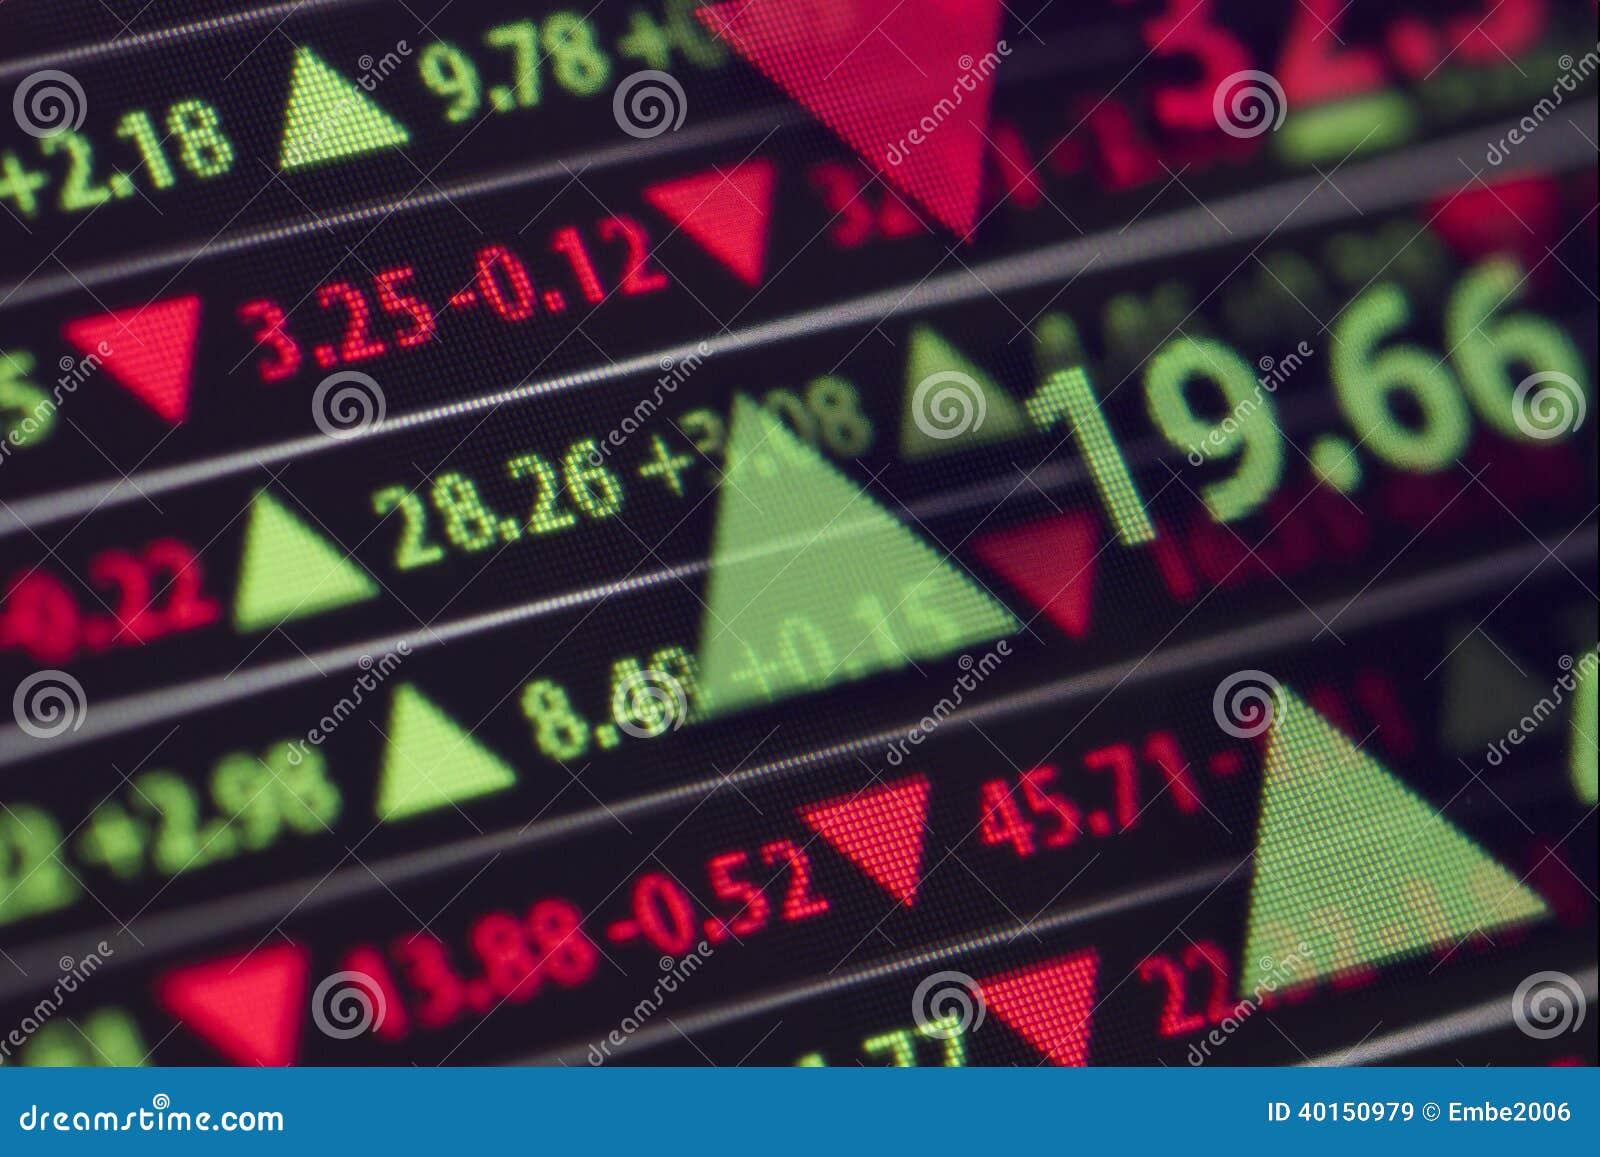 Cuore del mercato azionario